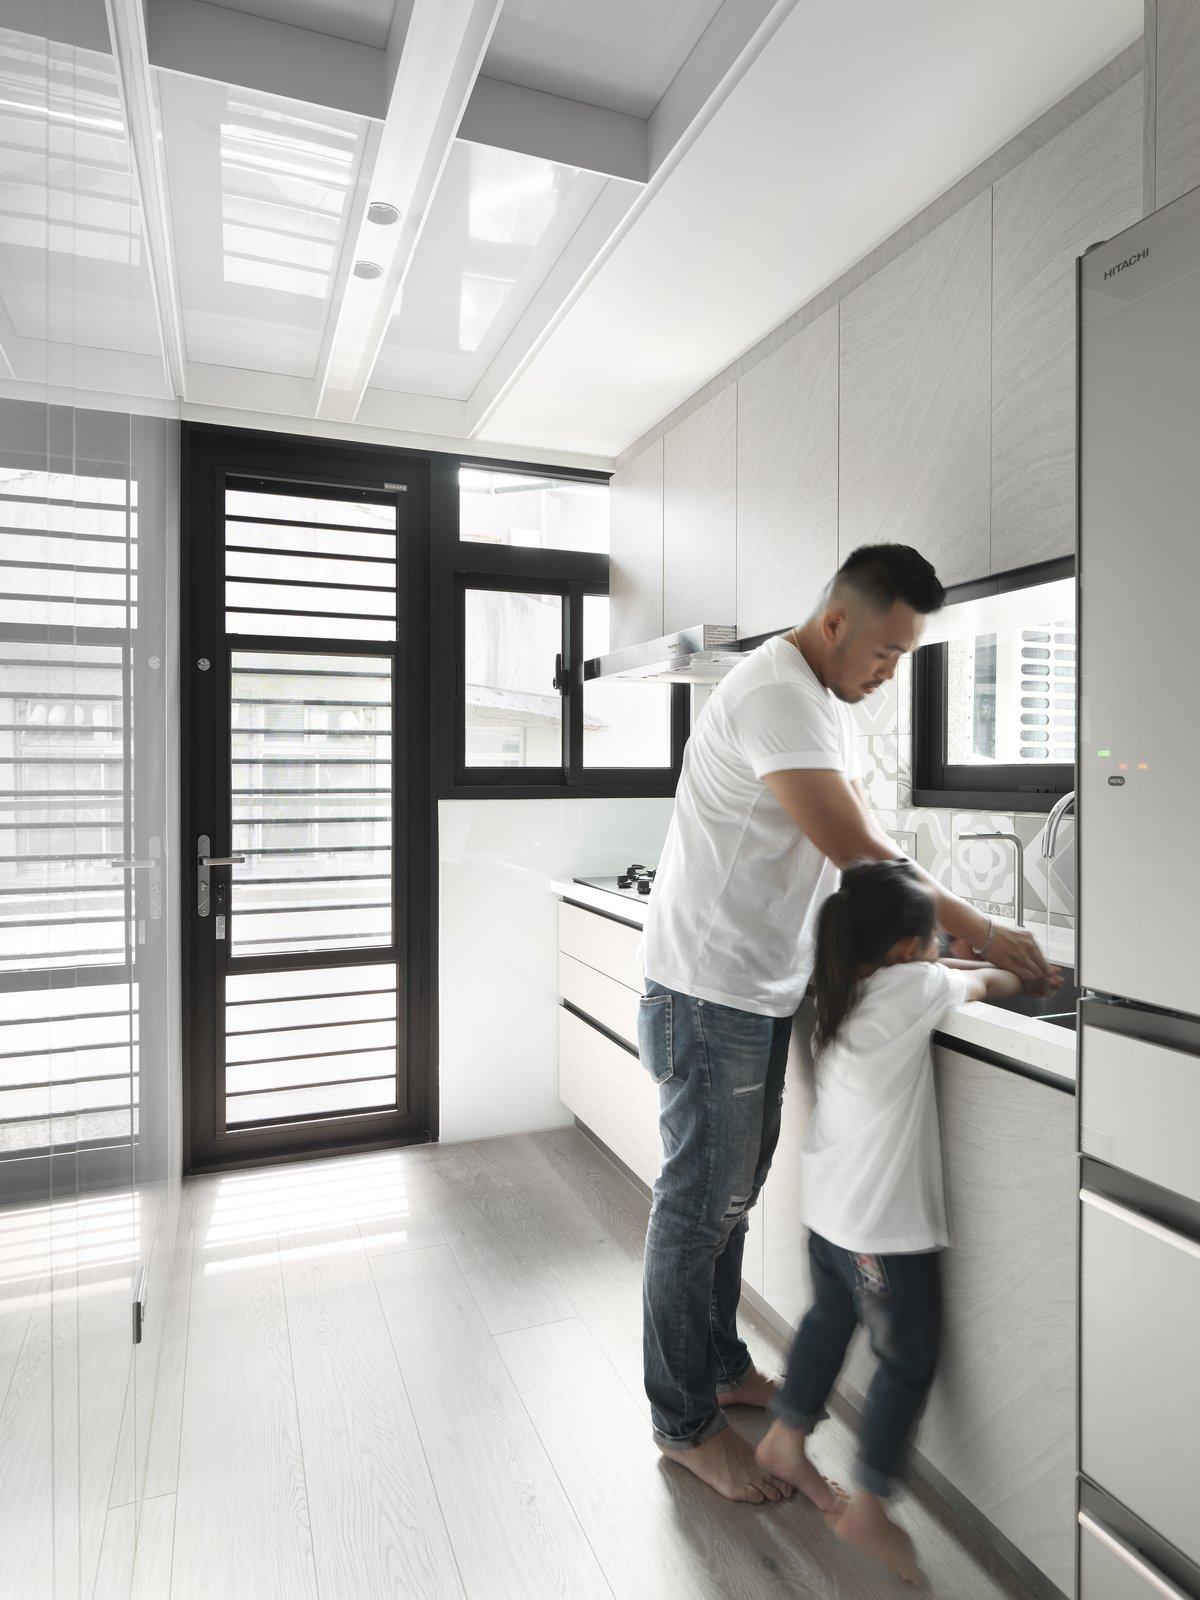 带有厨房,天花板照明,浅色硬木地板,镜子后壁板,水槽,冰箱和彩色橱柜的现代住宅。 日常生活的隐形秩序照片4